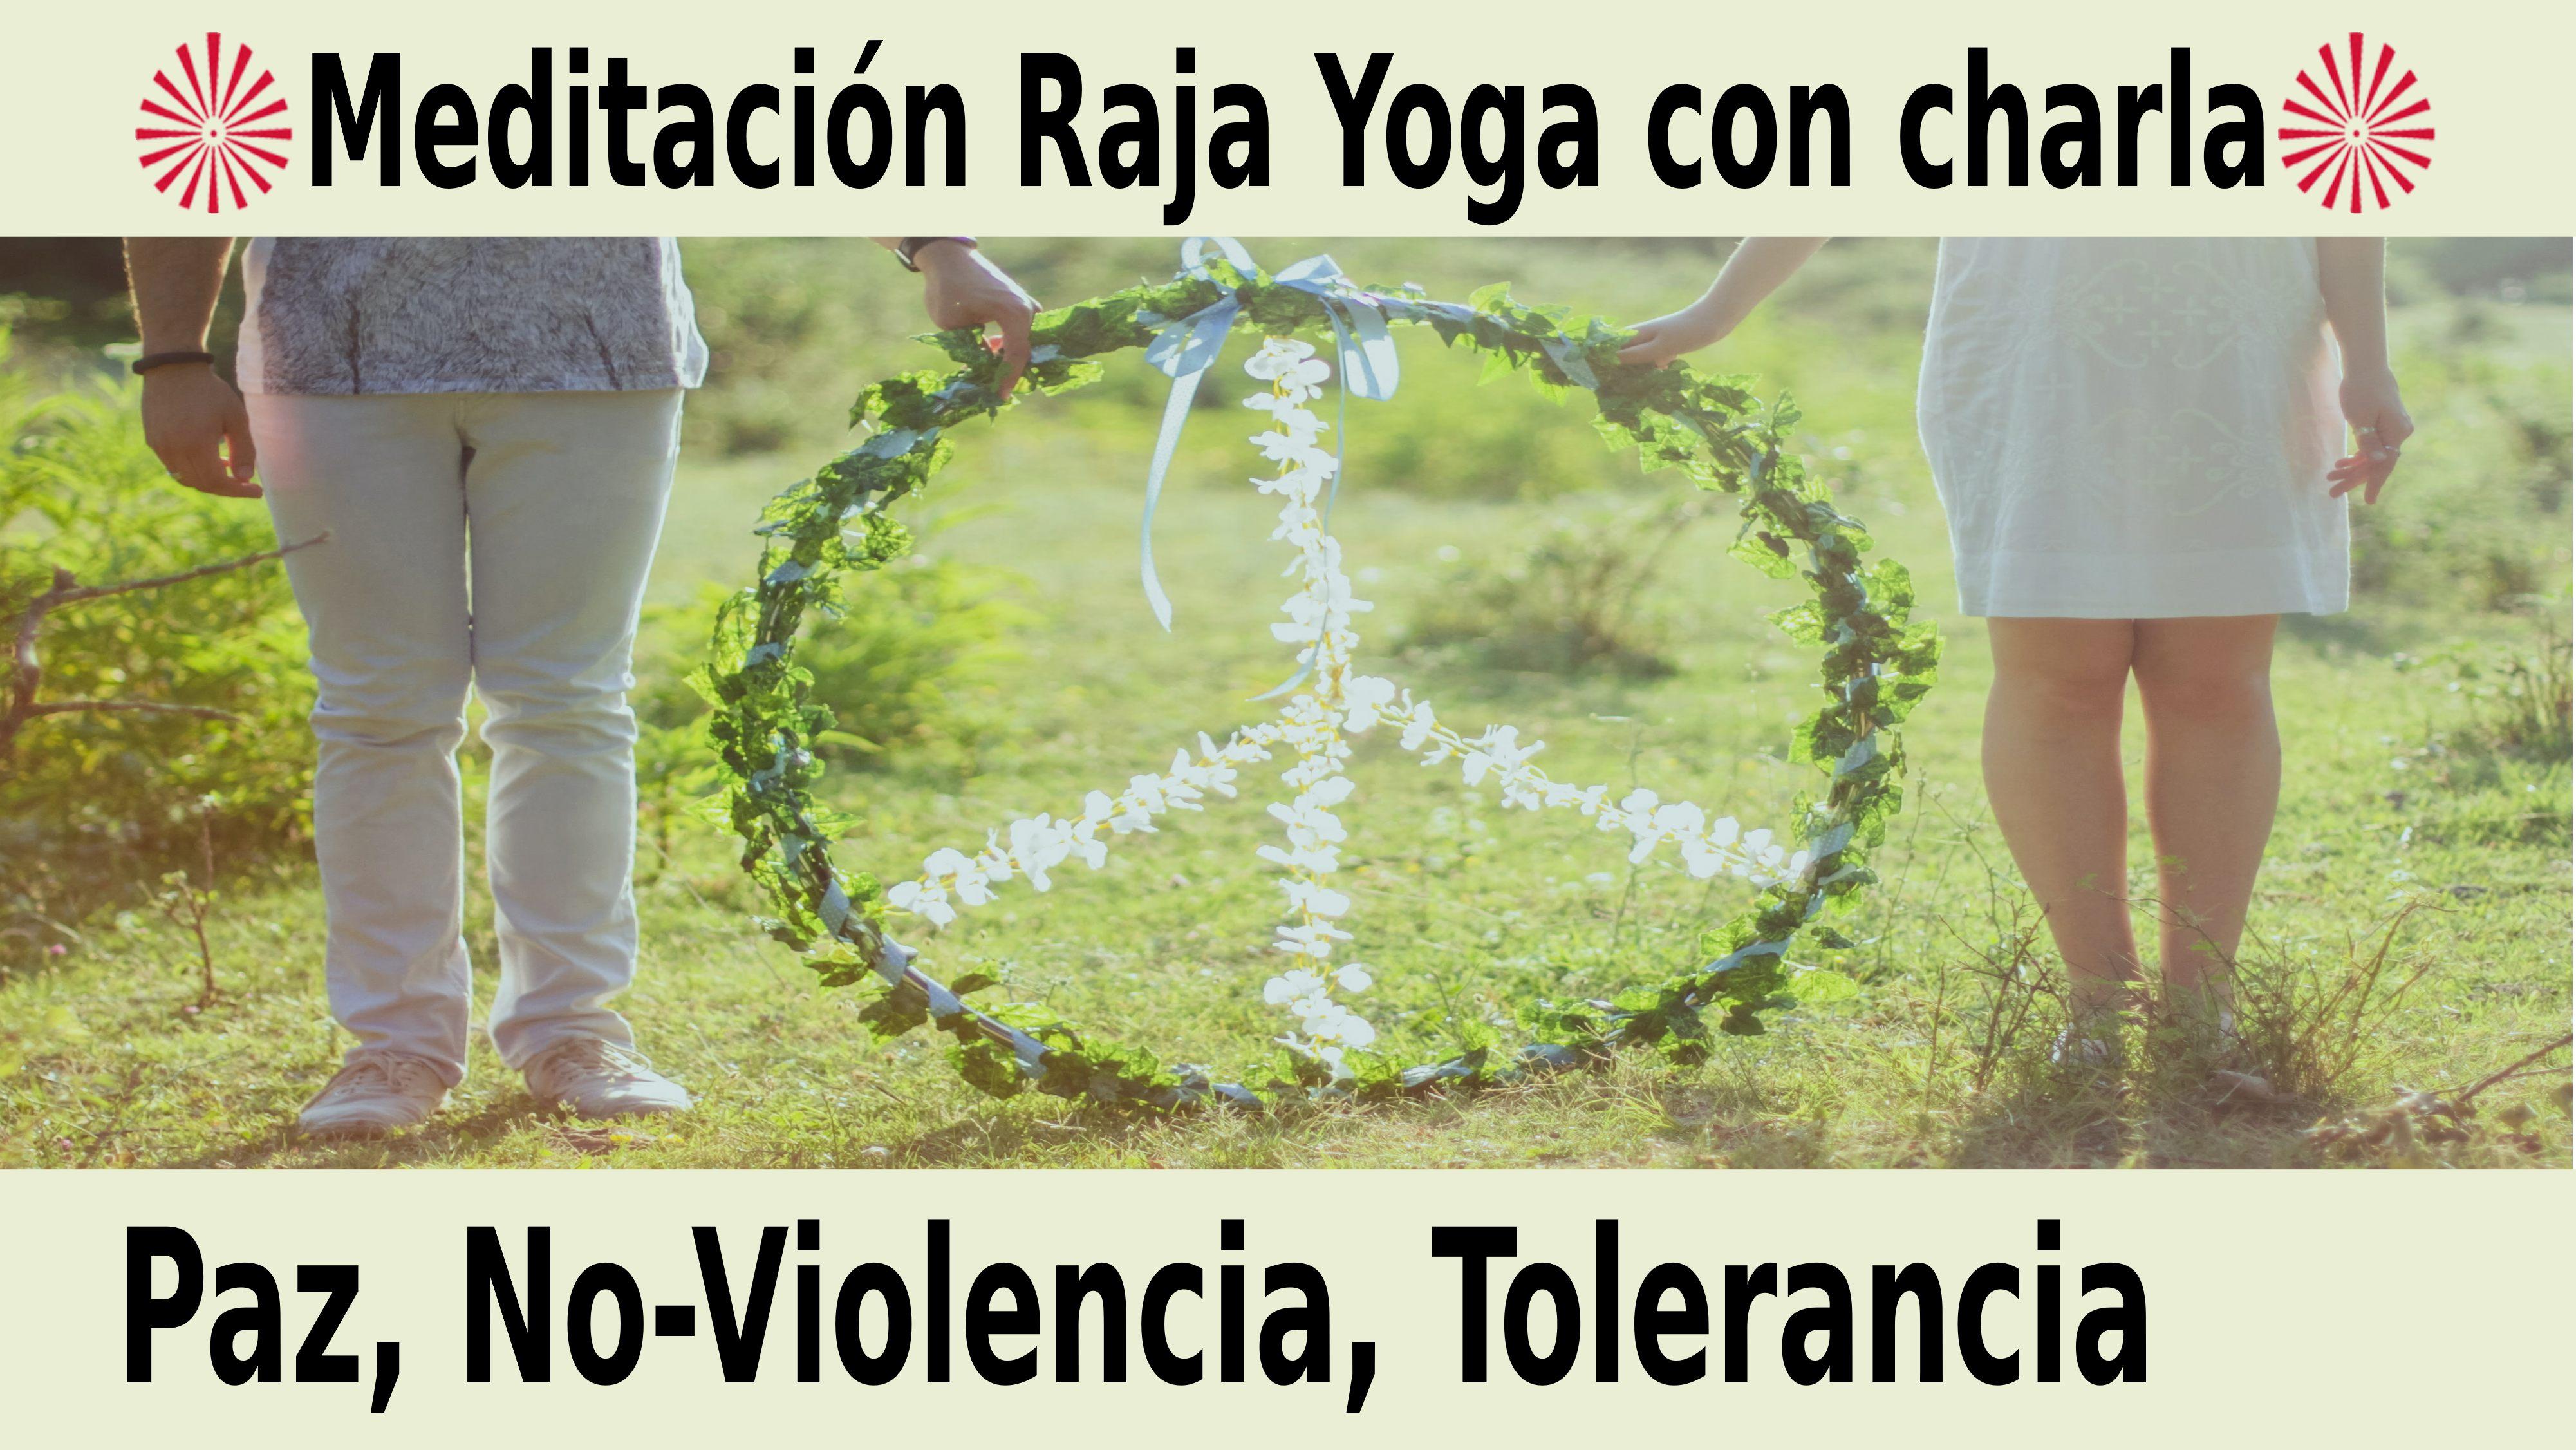 Meditación Raja Yoga con charla: Paz, No- Violencia, Tolerancia (20 Noviembre 2020) On-line desde Barcelona